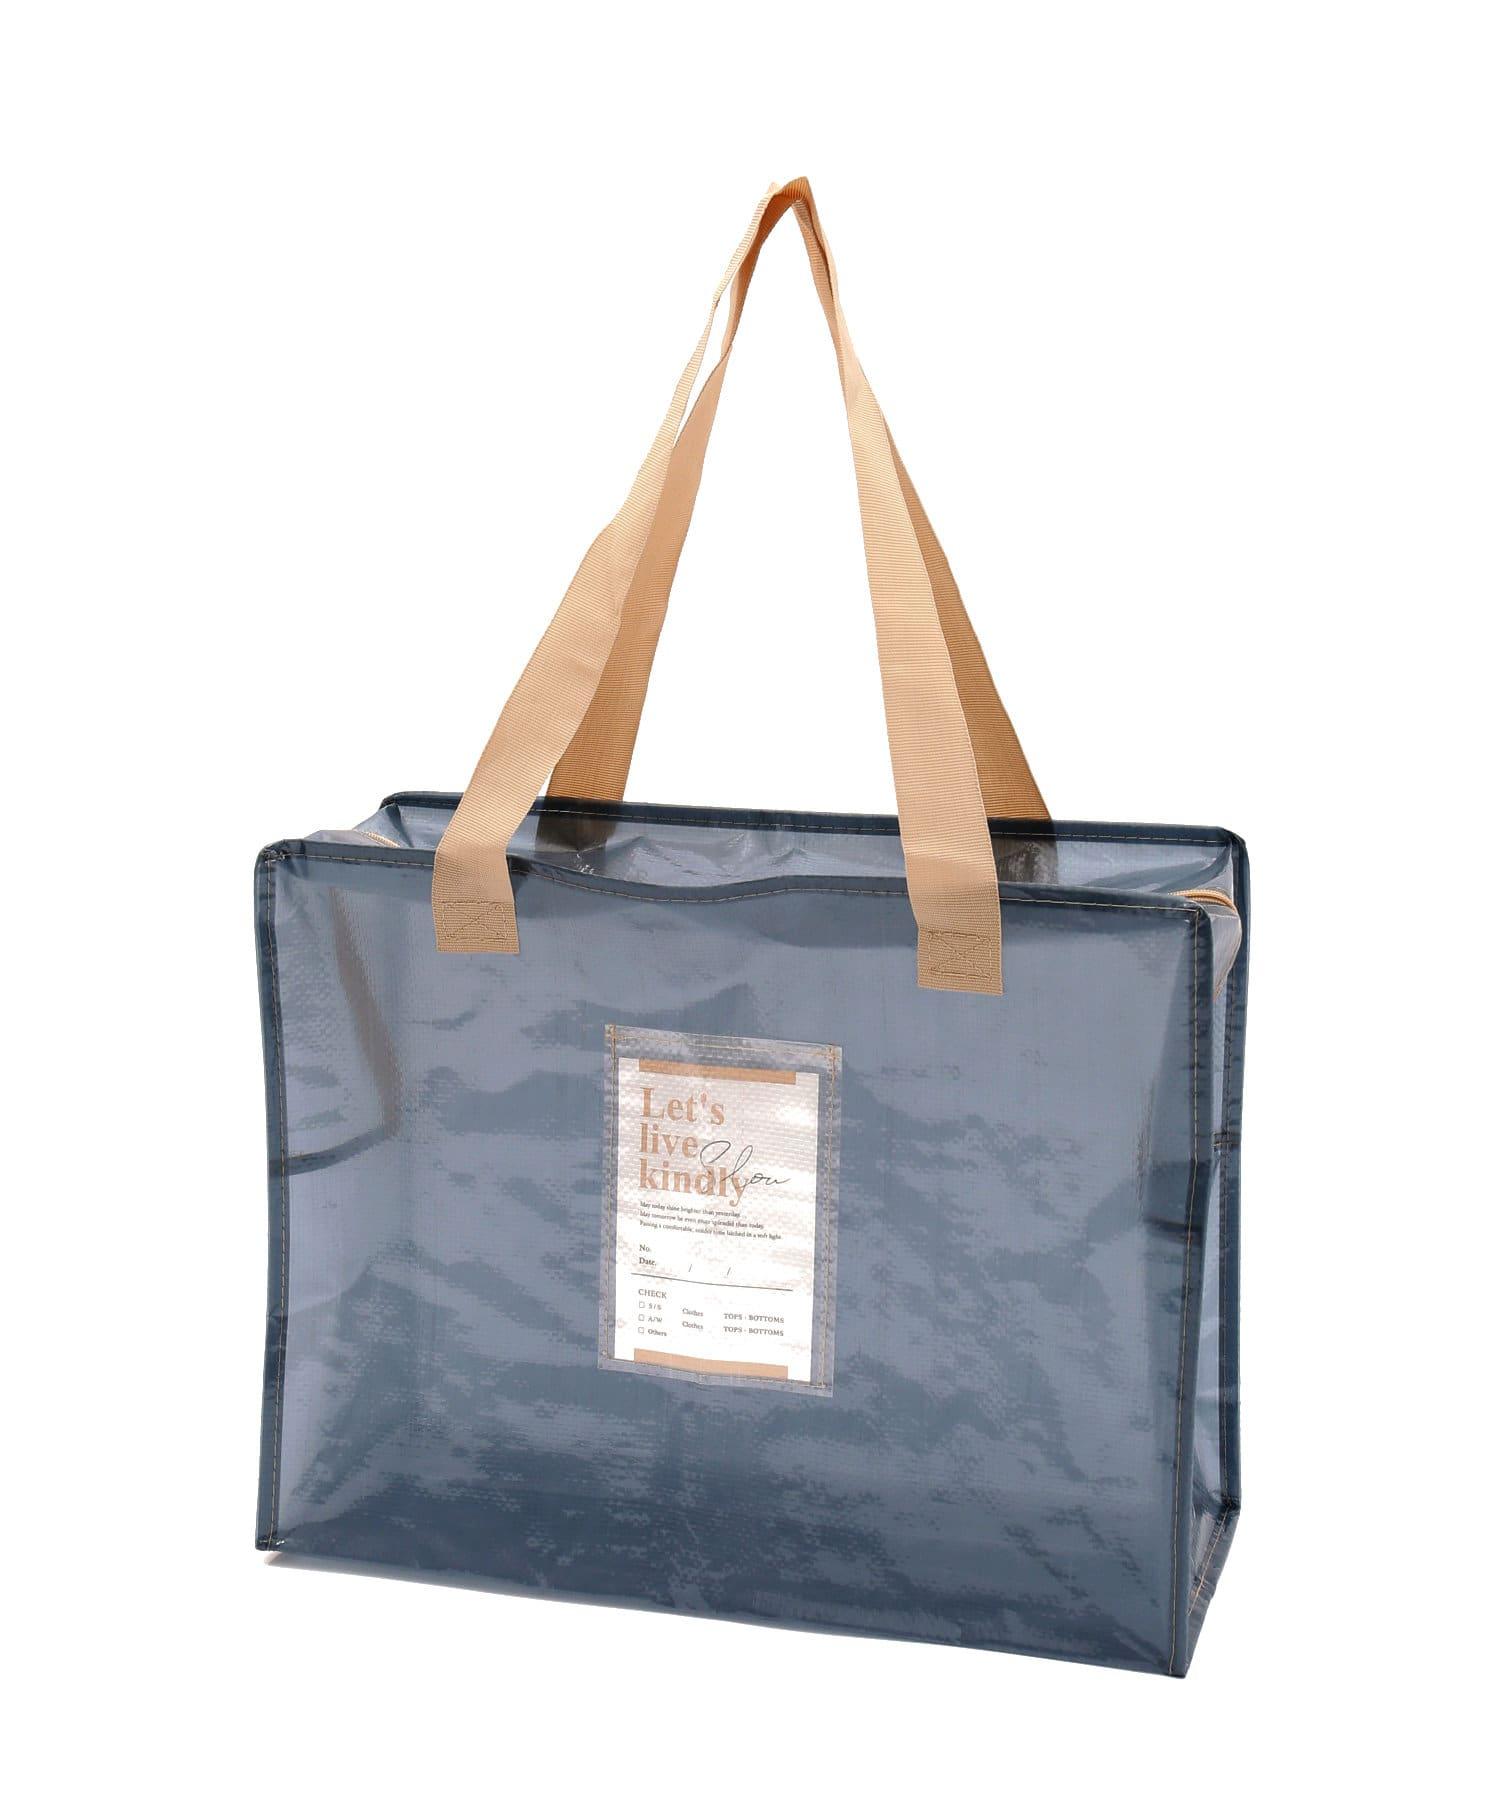 3COINS(スリーコインズ) 【衣替えやお部屋の整理に】クリアボックスバッグ:Lサイズ